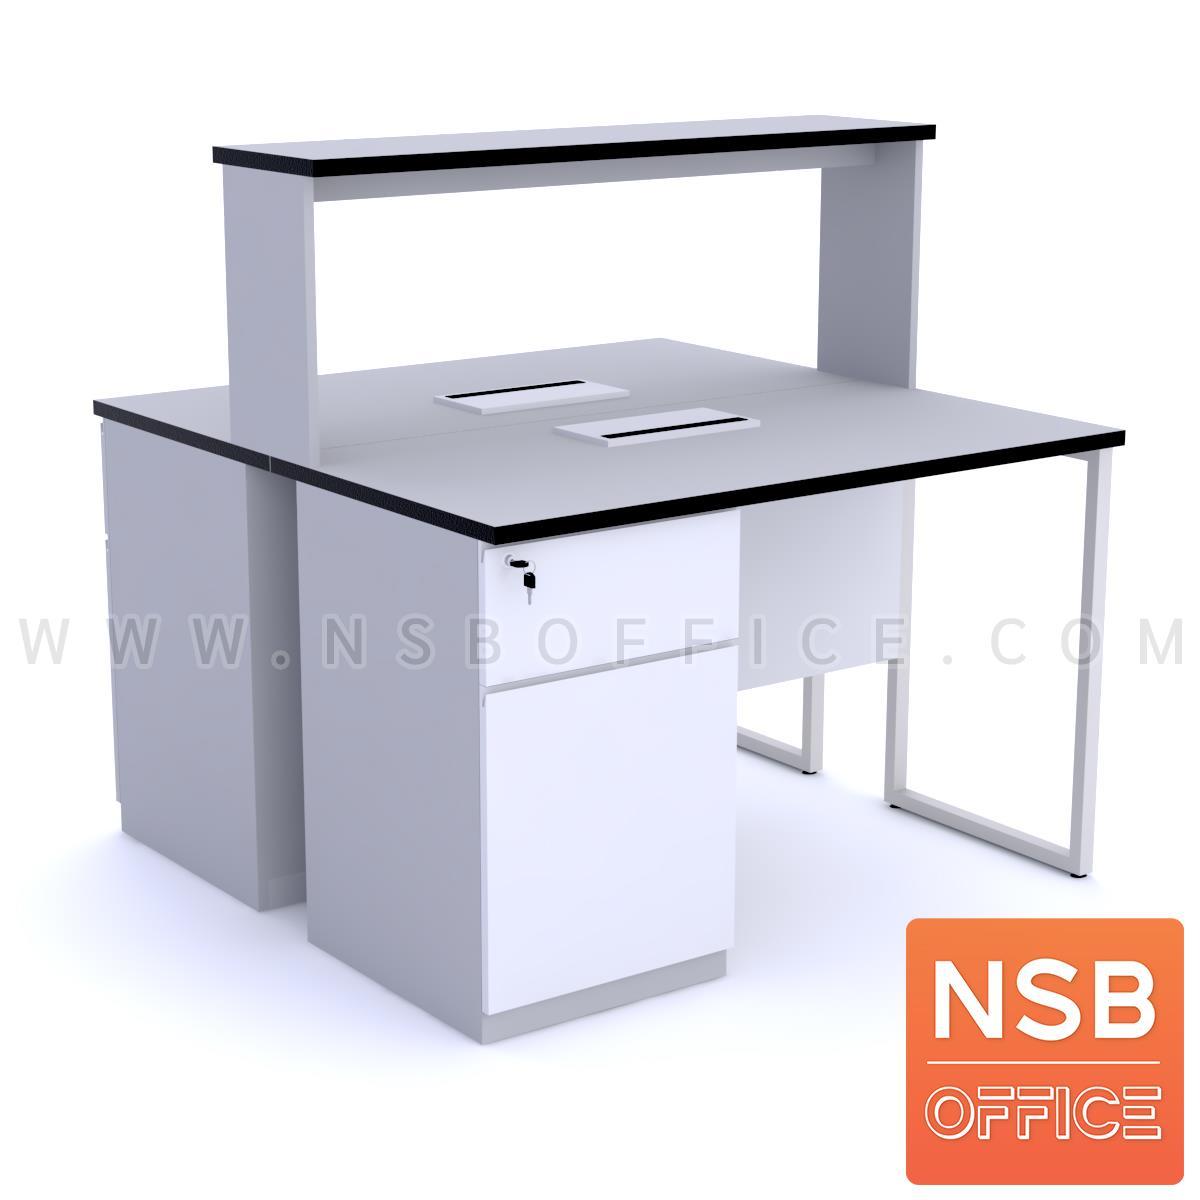 C12A016:โต๊ะห้องแล๊บท๊อปลามิเนต HPL แบบมีชั้นต่อบน  พร้อม popup กึ่งกลางโต๊ะ